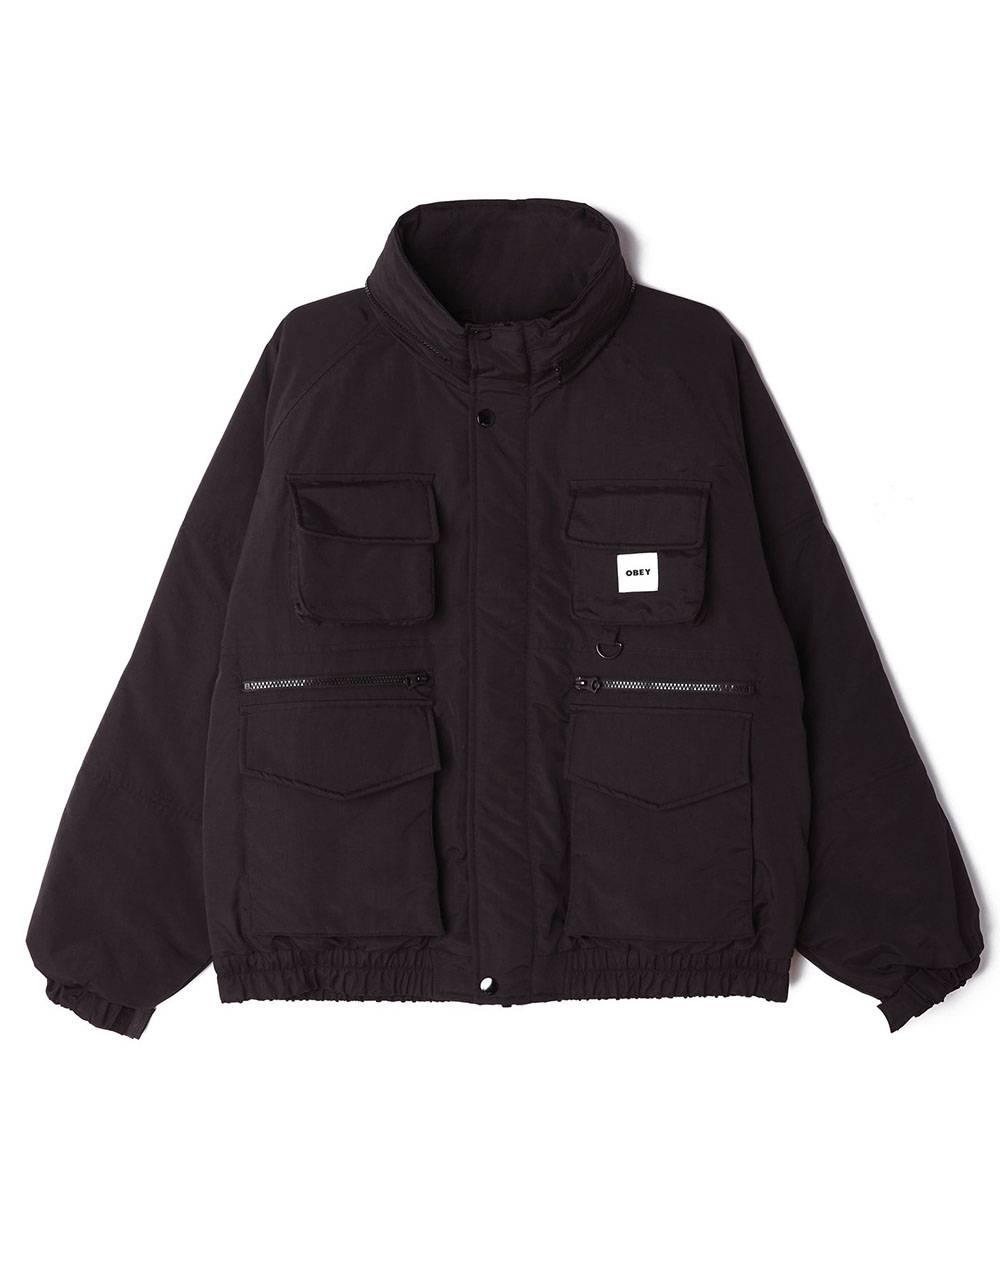 Obey tactics jacket - black obey Jacket 171,31€